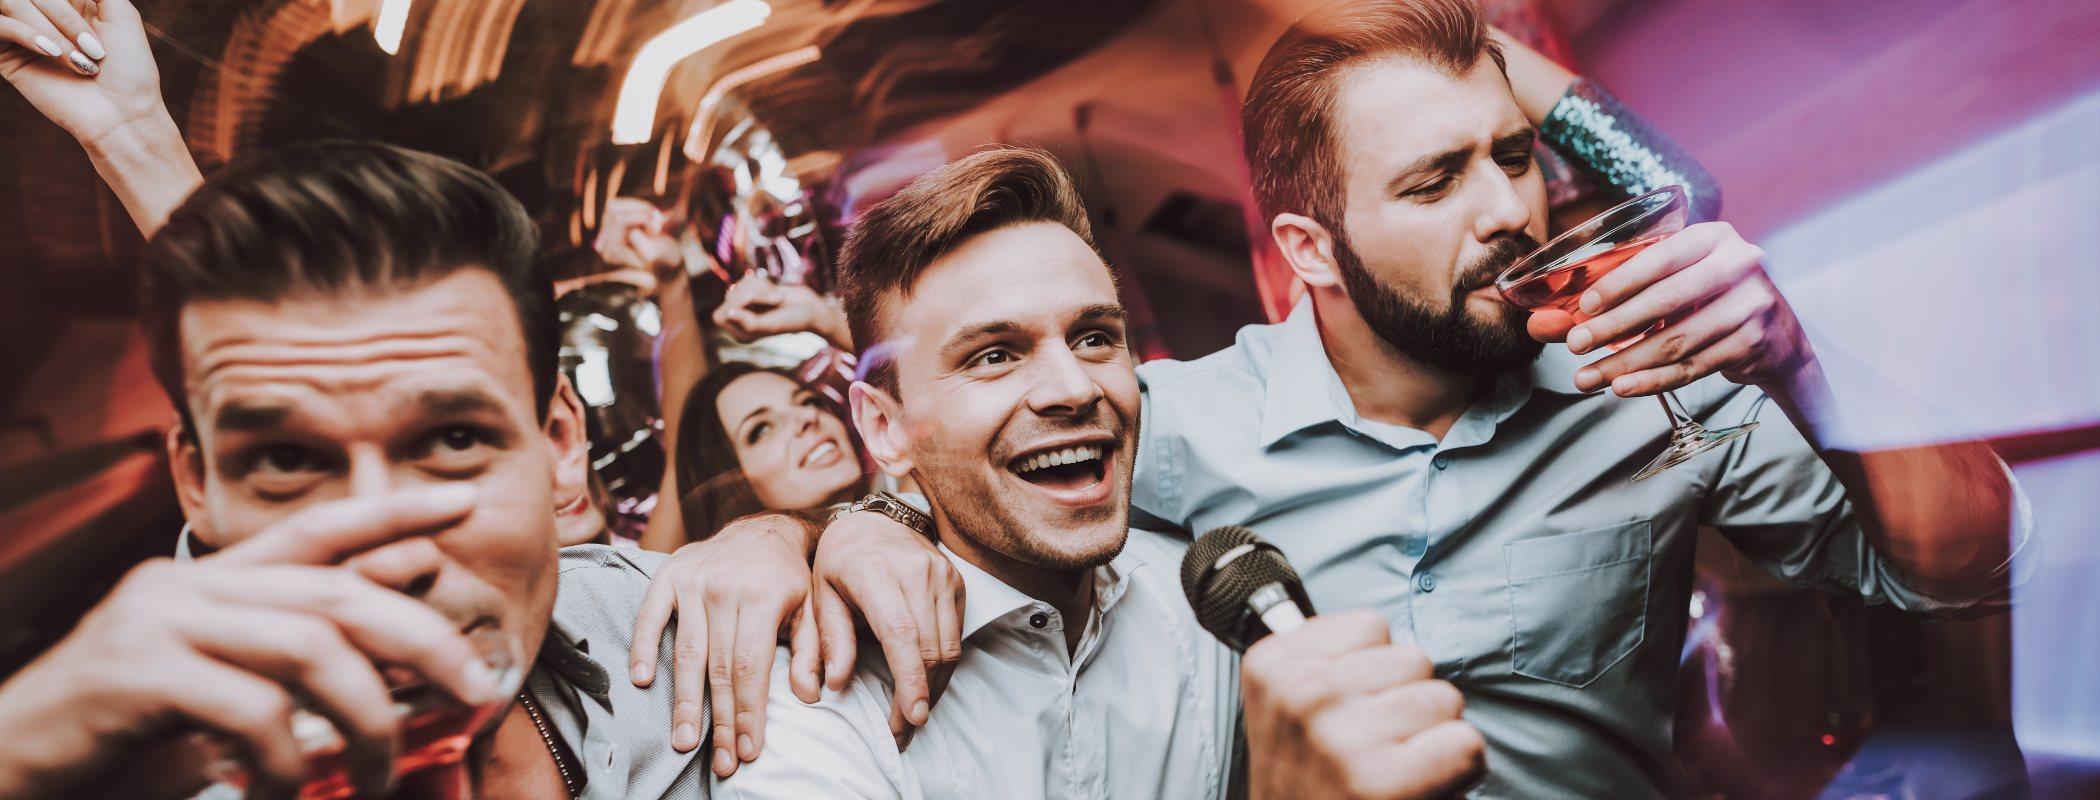 Despedida de soltero: cómo planear la fiesta perfecta